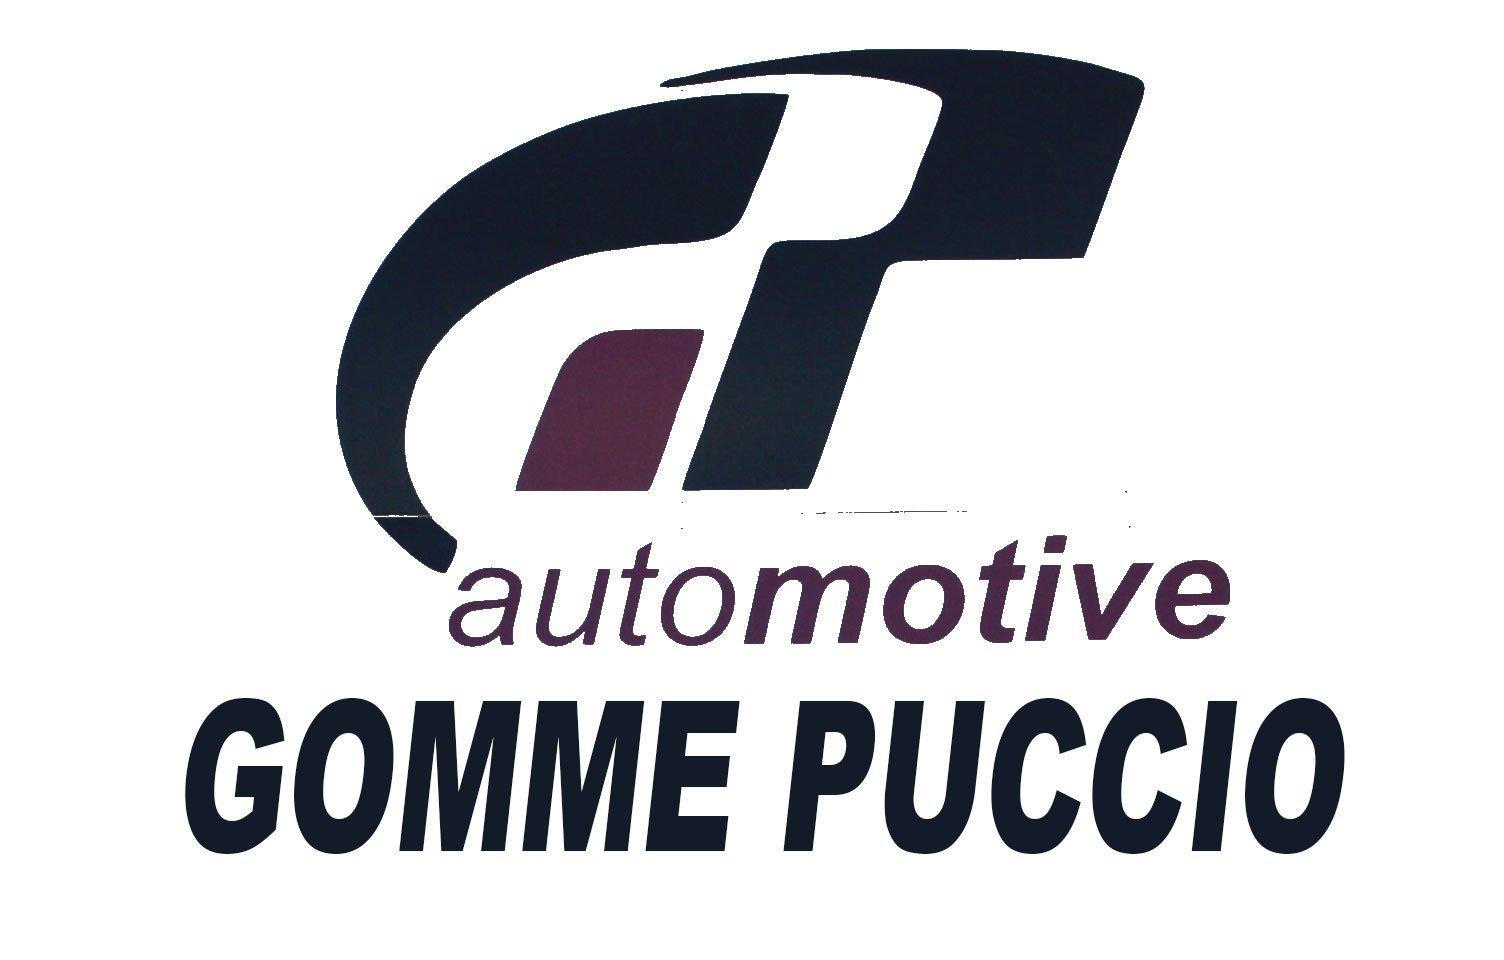 GOMME PUCCIO AUTOMOTIVE - logo